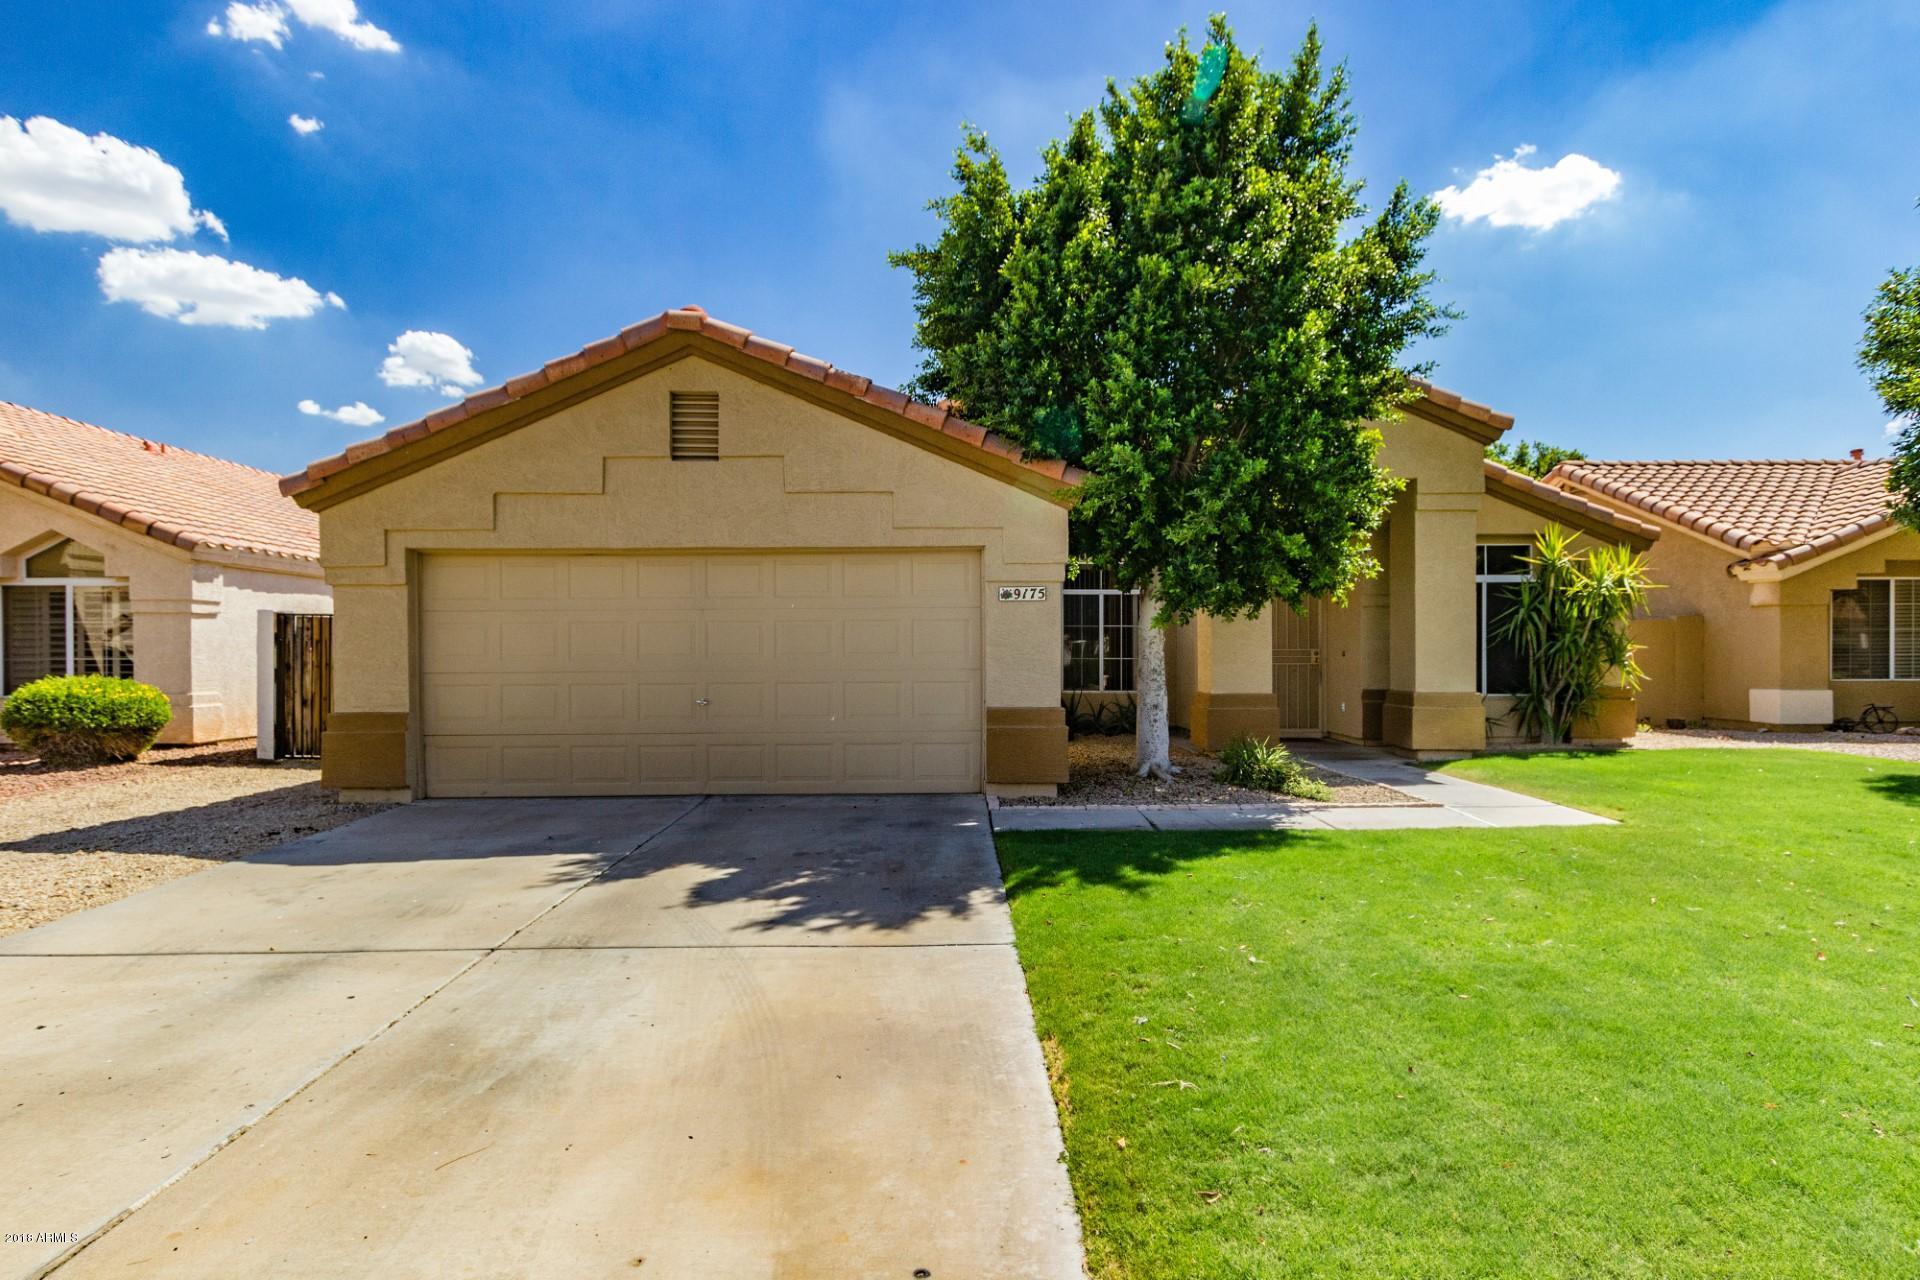 Photo of 9175 W ATHENS Street, Peoria, AZ 85382